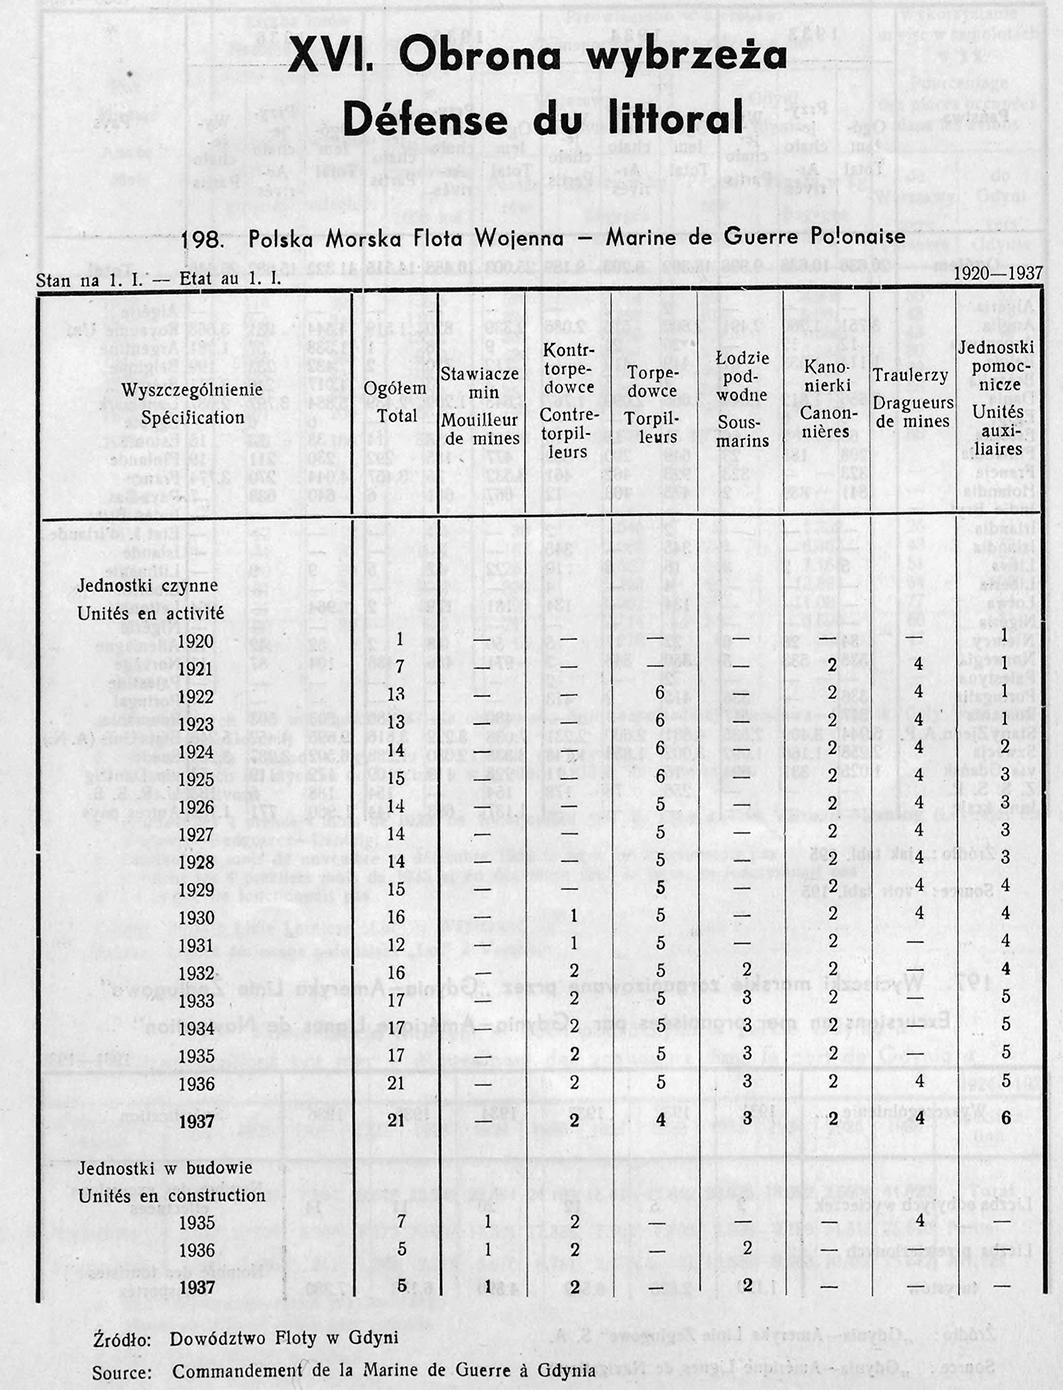 OBRONA WYBRZEŻA, [W:] ROCZNIK STATYSTYCZNY GDYNI, REDAKCJA BOLESŁAW POLKOWSKI KIEROWNIK BIURA STATYSTYCZNEGO, GDYNIA 1937